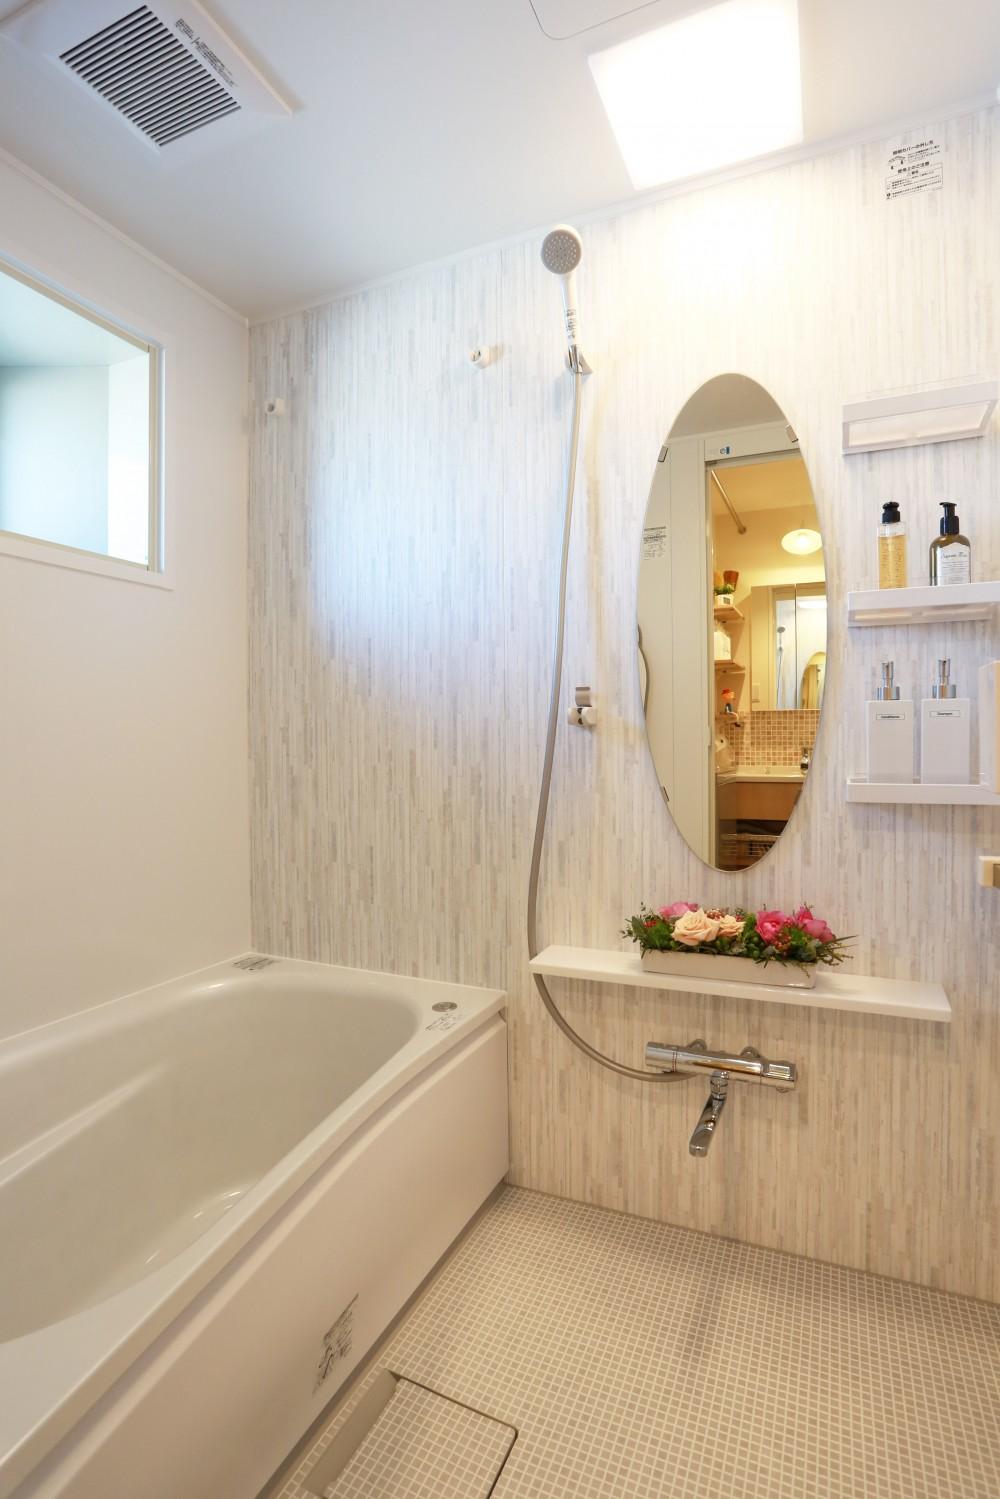 好きなモノに囲まれて暮らす~ナチュラルテイストな家 (浴室)